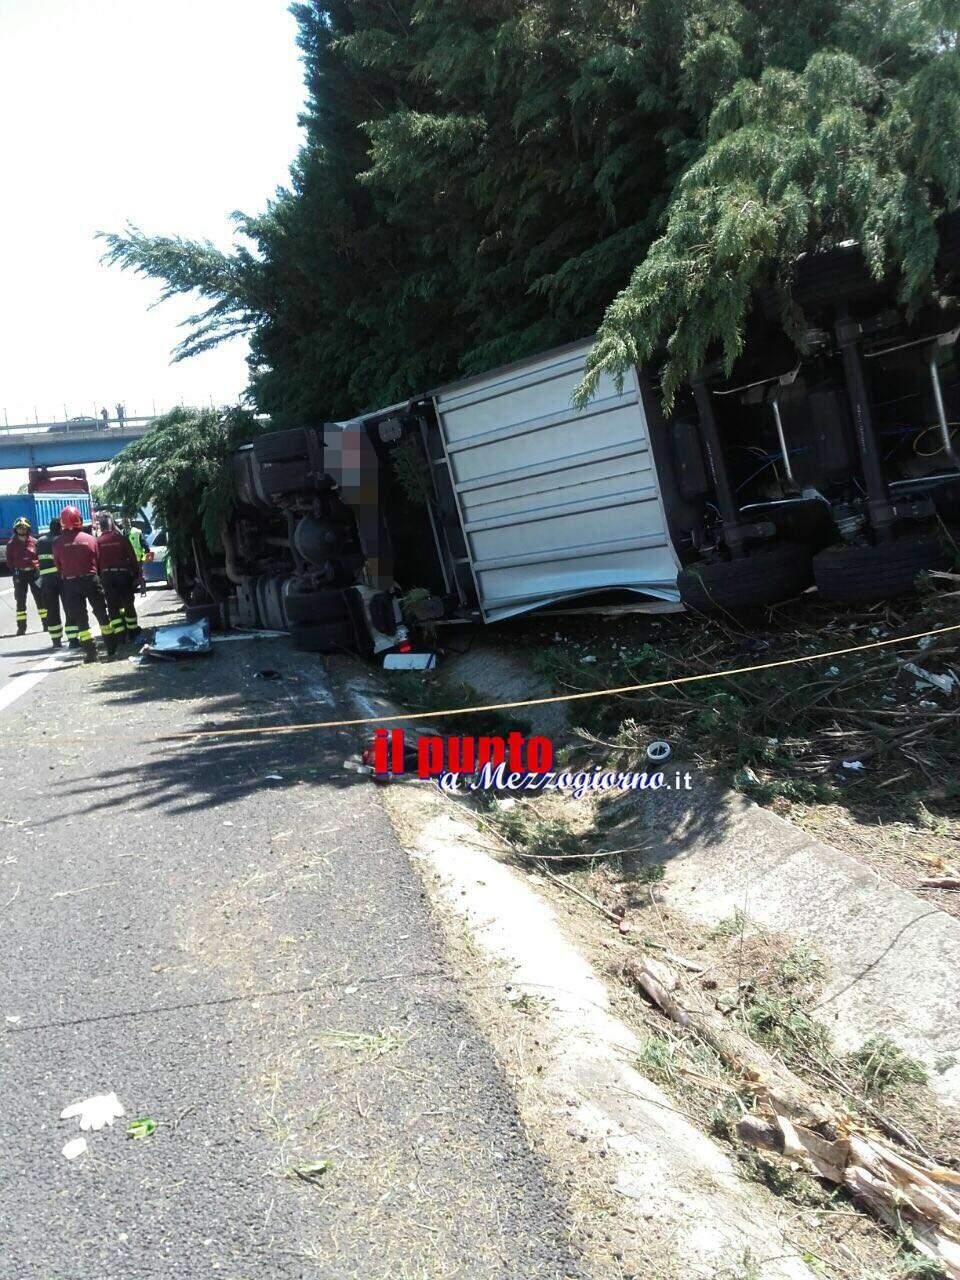 A1- Camion si ribalta a Ceprano, conducente elitrasportato a Roma in gravi condizioni